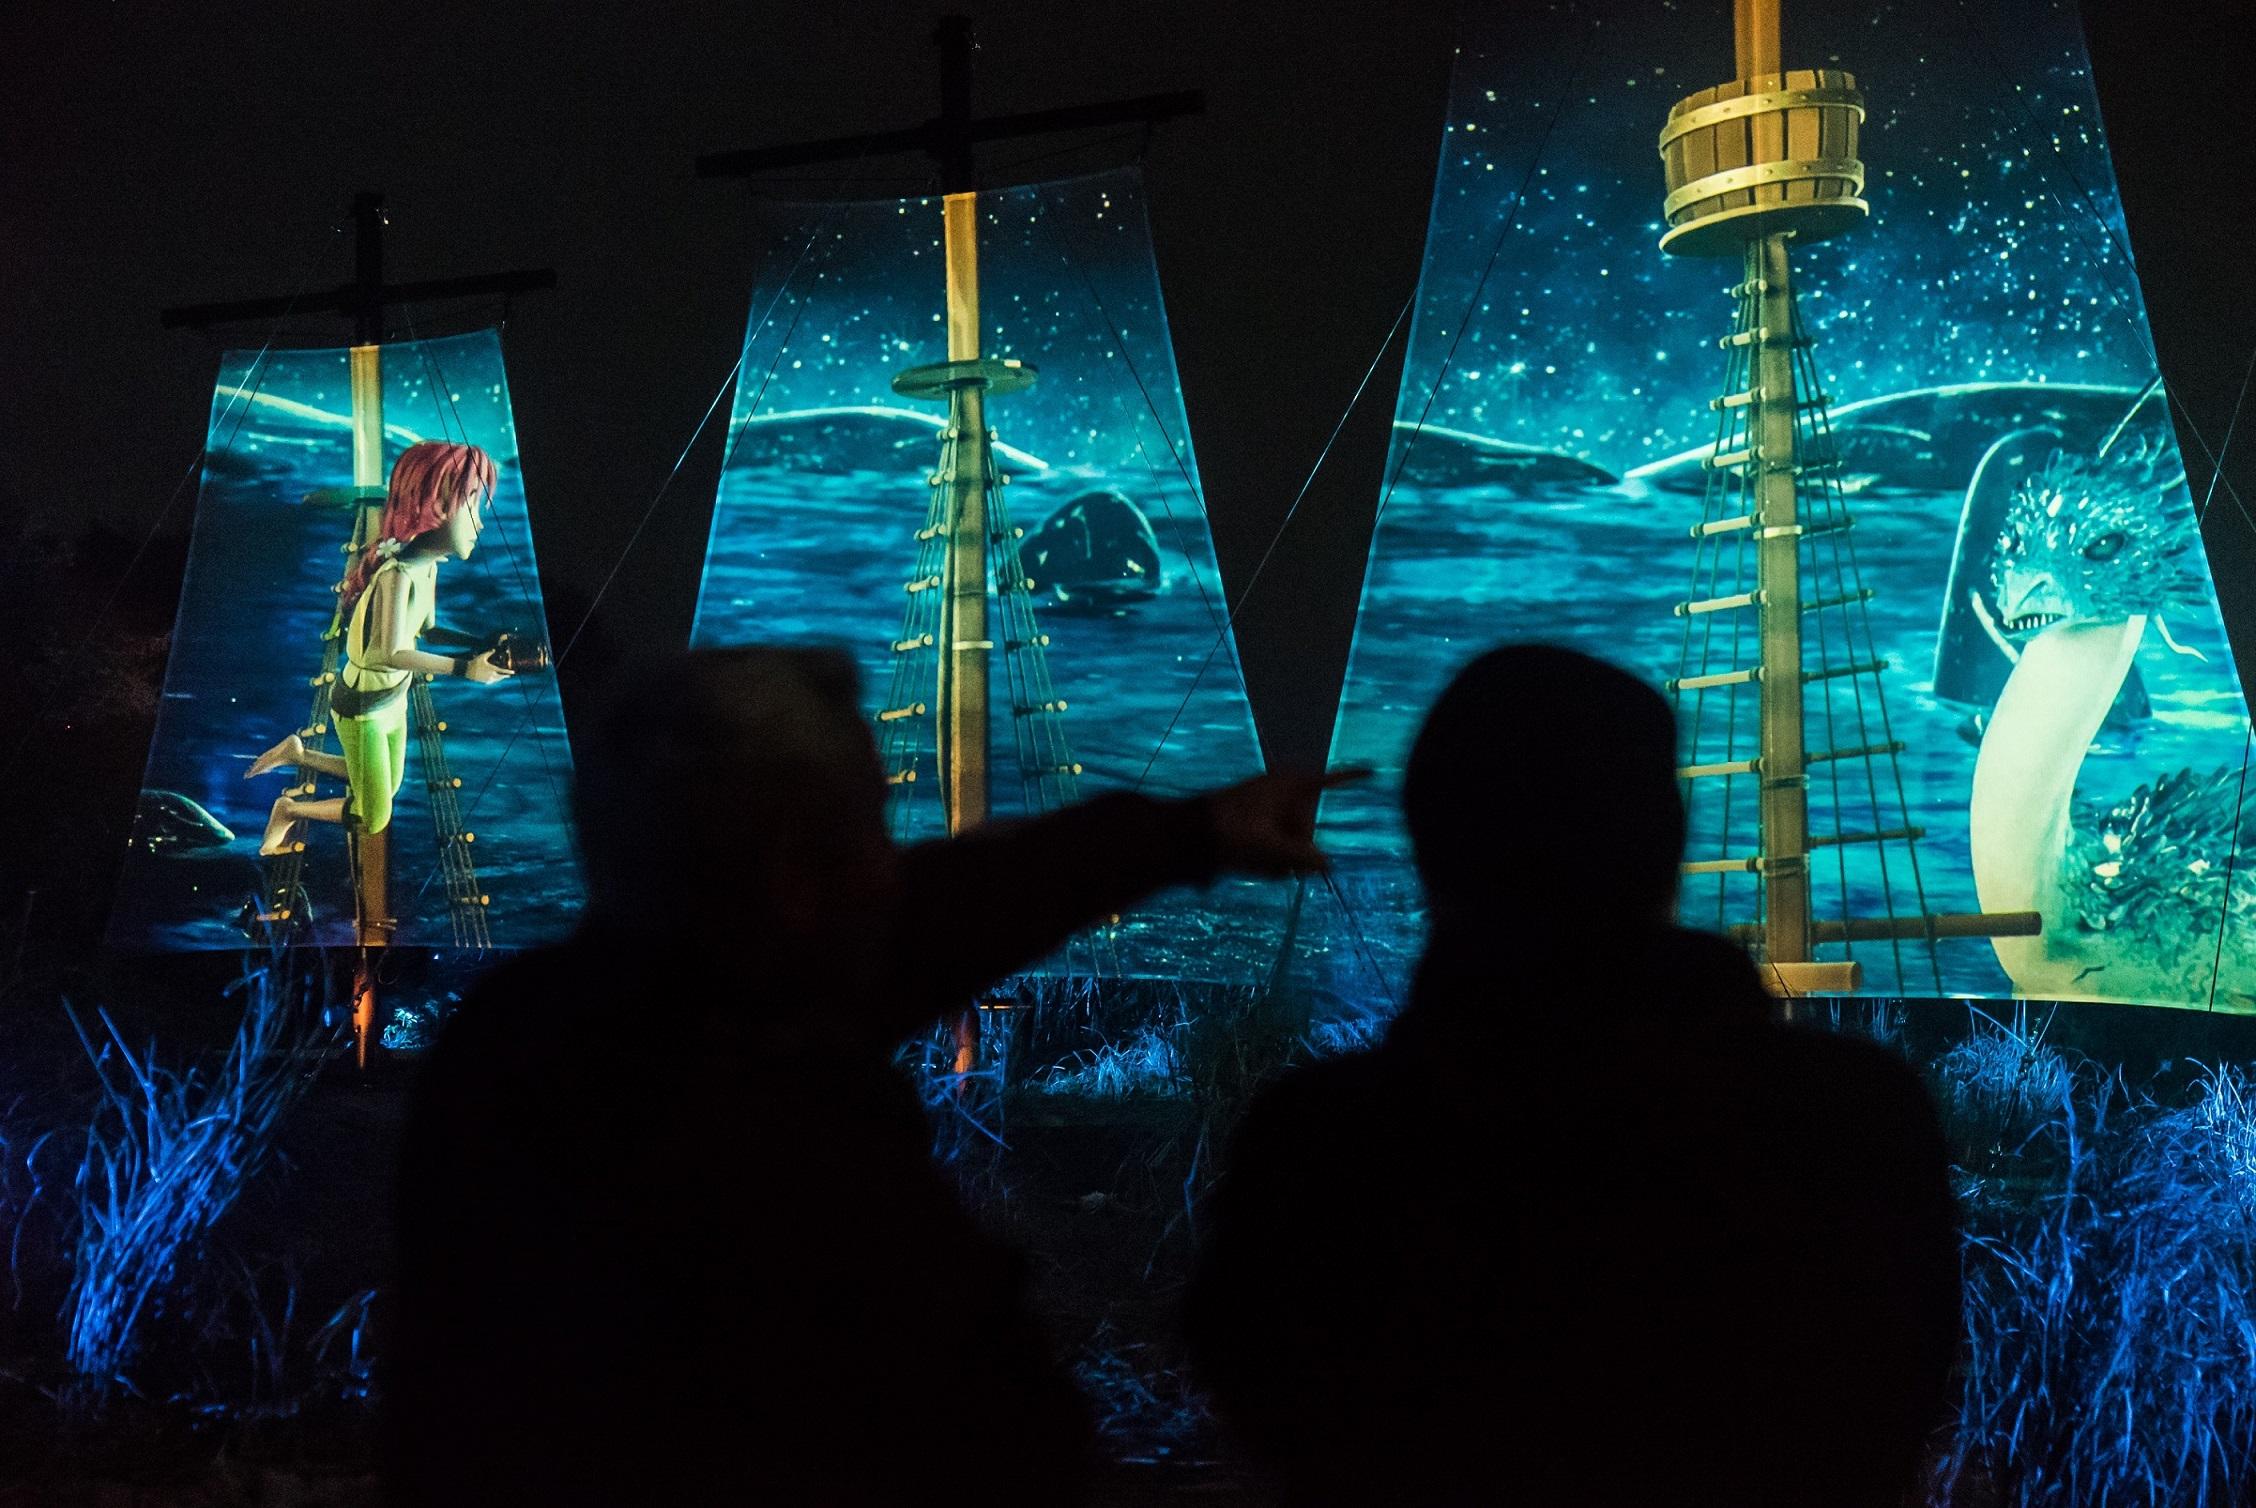 光と映像のデジタルアートが創る世界「アイランドルミナ」 イメージ